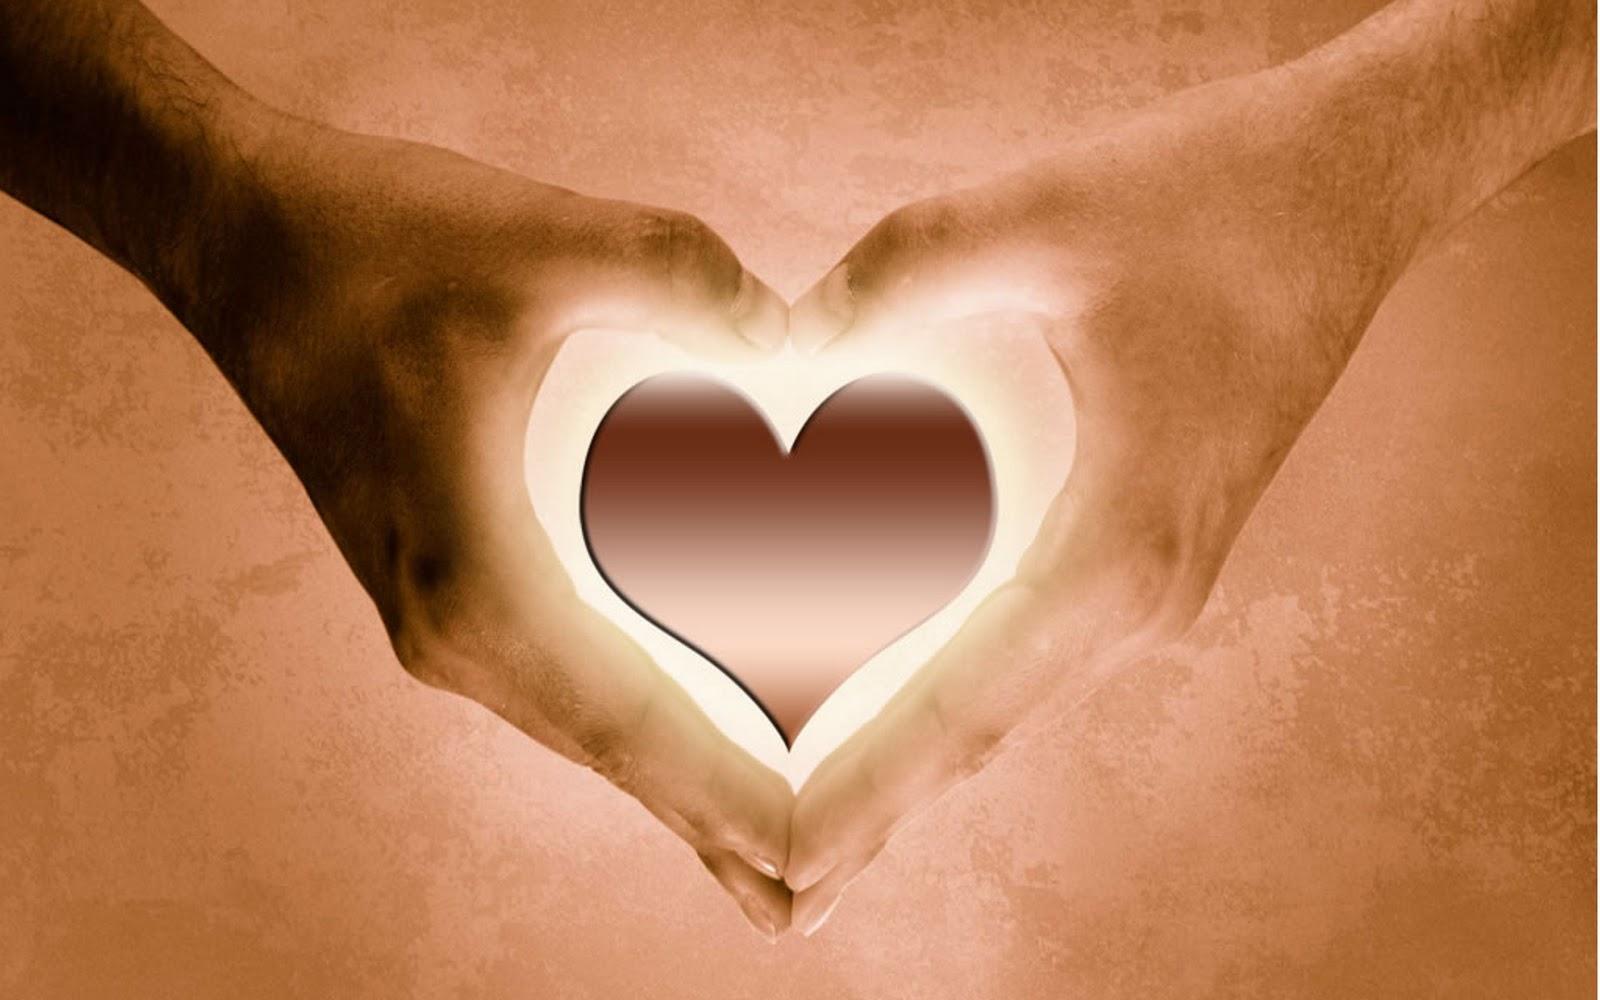 http://2.bp.blogspot.com/-dkVS69OPeuI/UBQZGN77u-I/AAAAAAAAA0U/MQvH2rEu6H0/s1600/Heart+Inside+Fingers+HD+Wallpapers.jpg